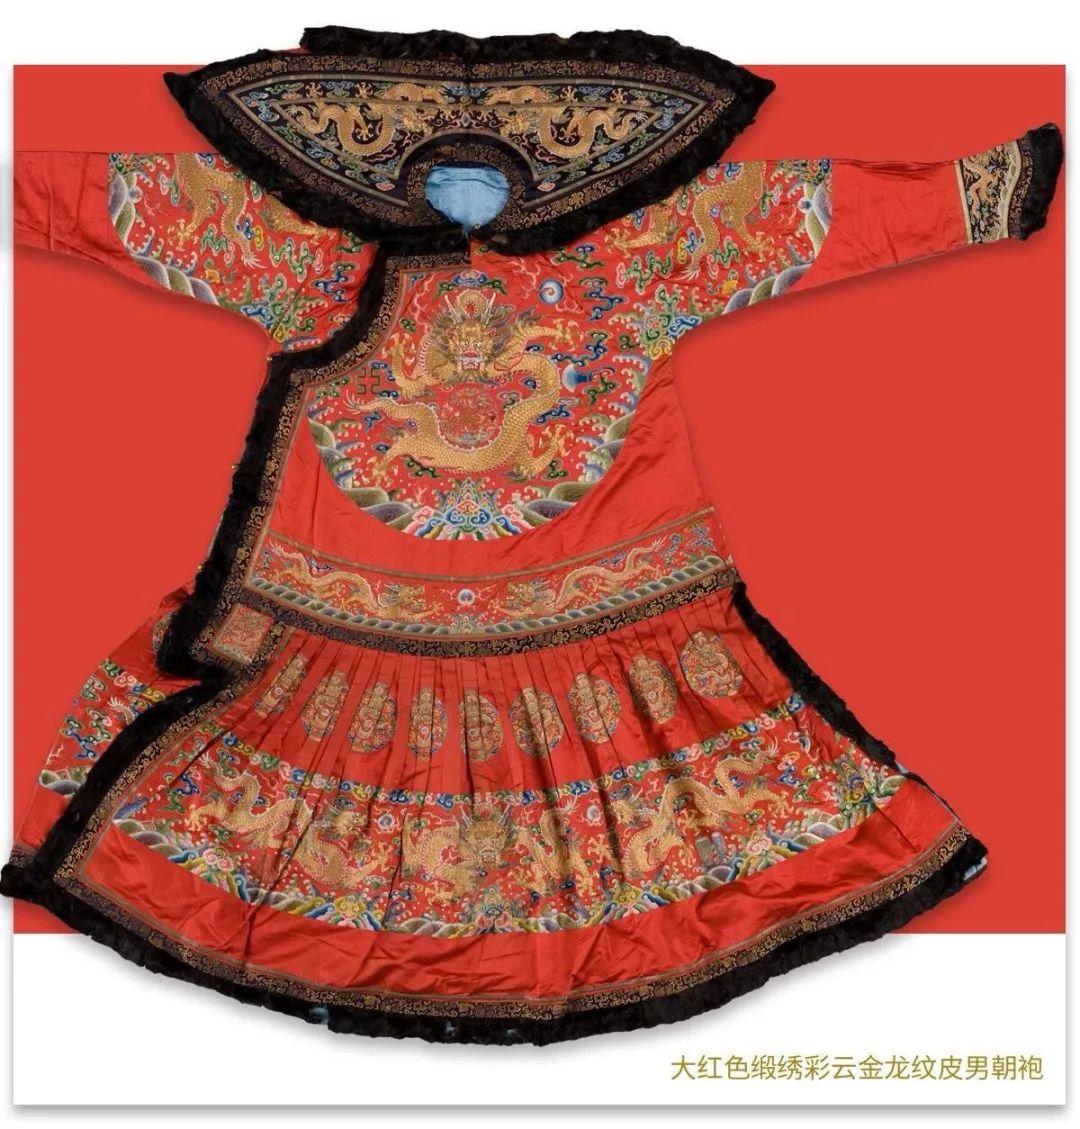 清代民间土陶罐图片